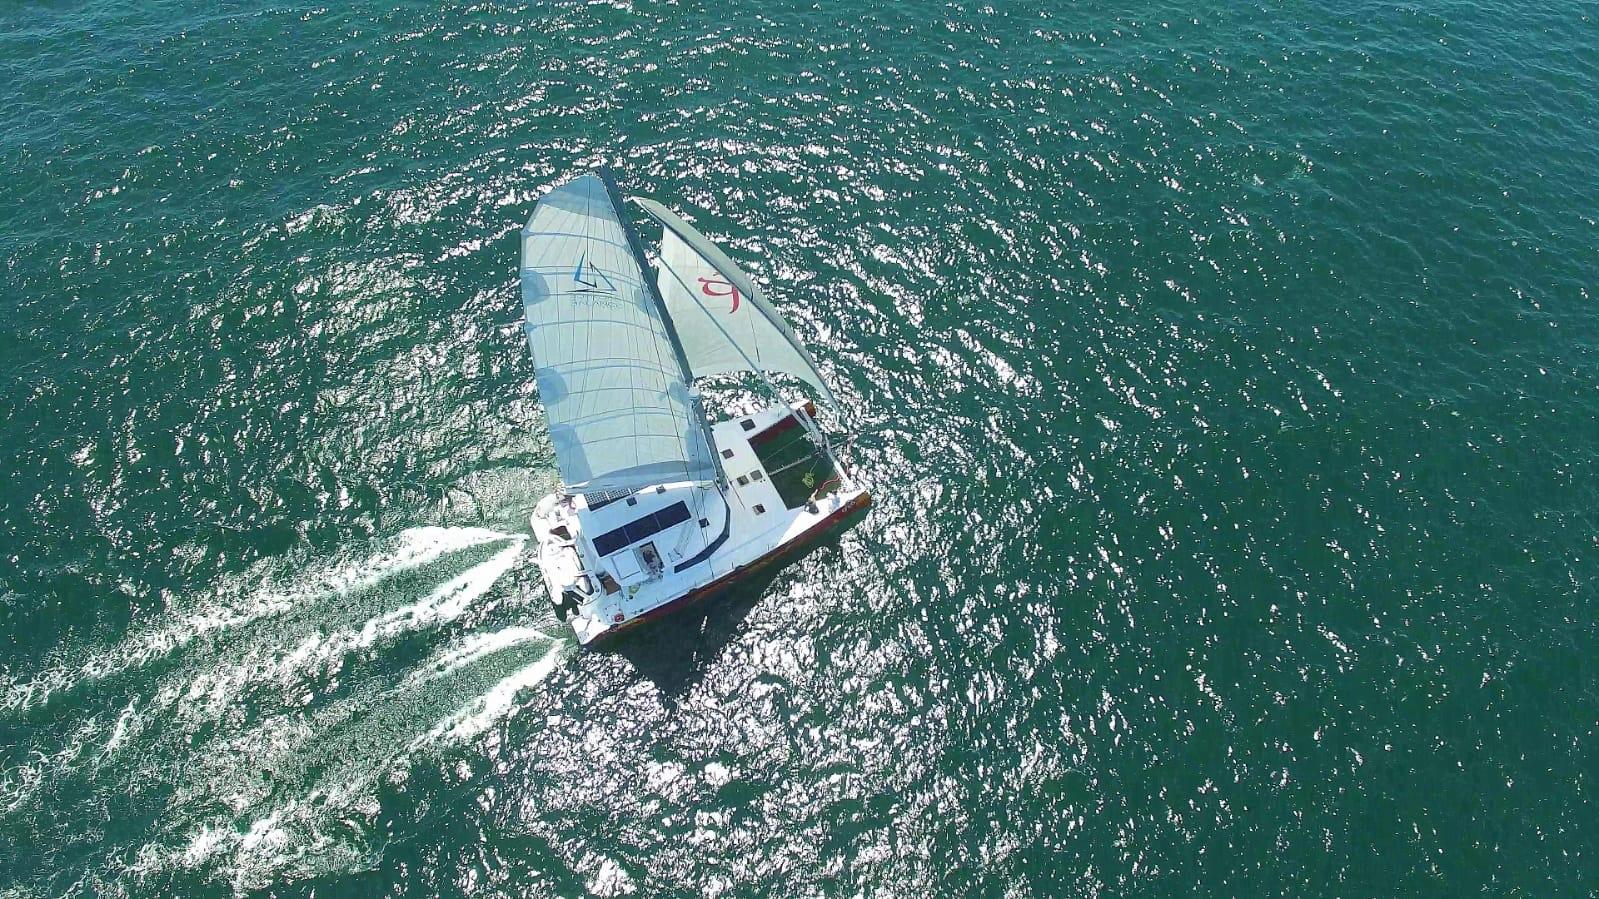 More photos of Vingilótë under sail